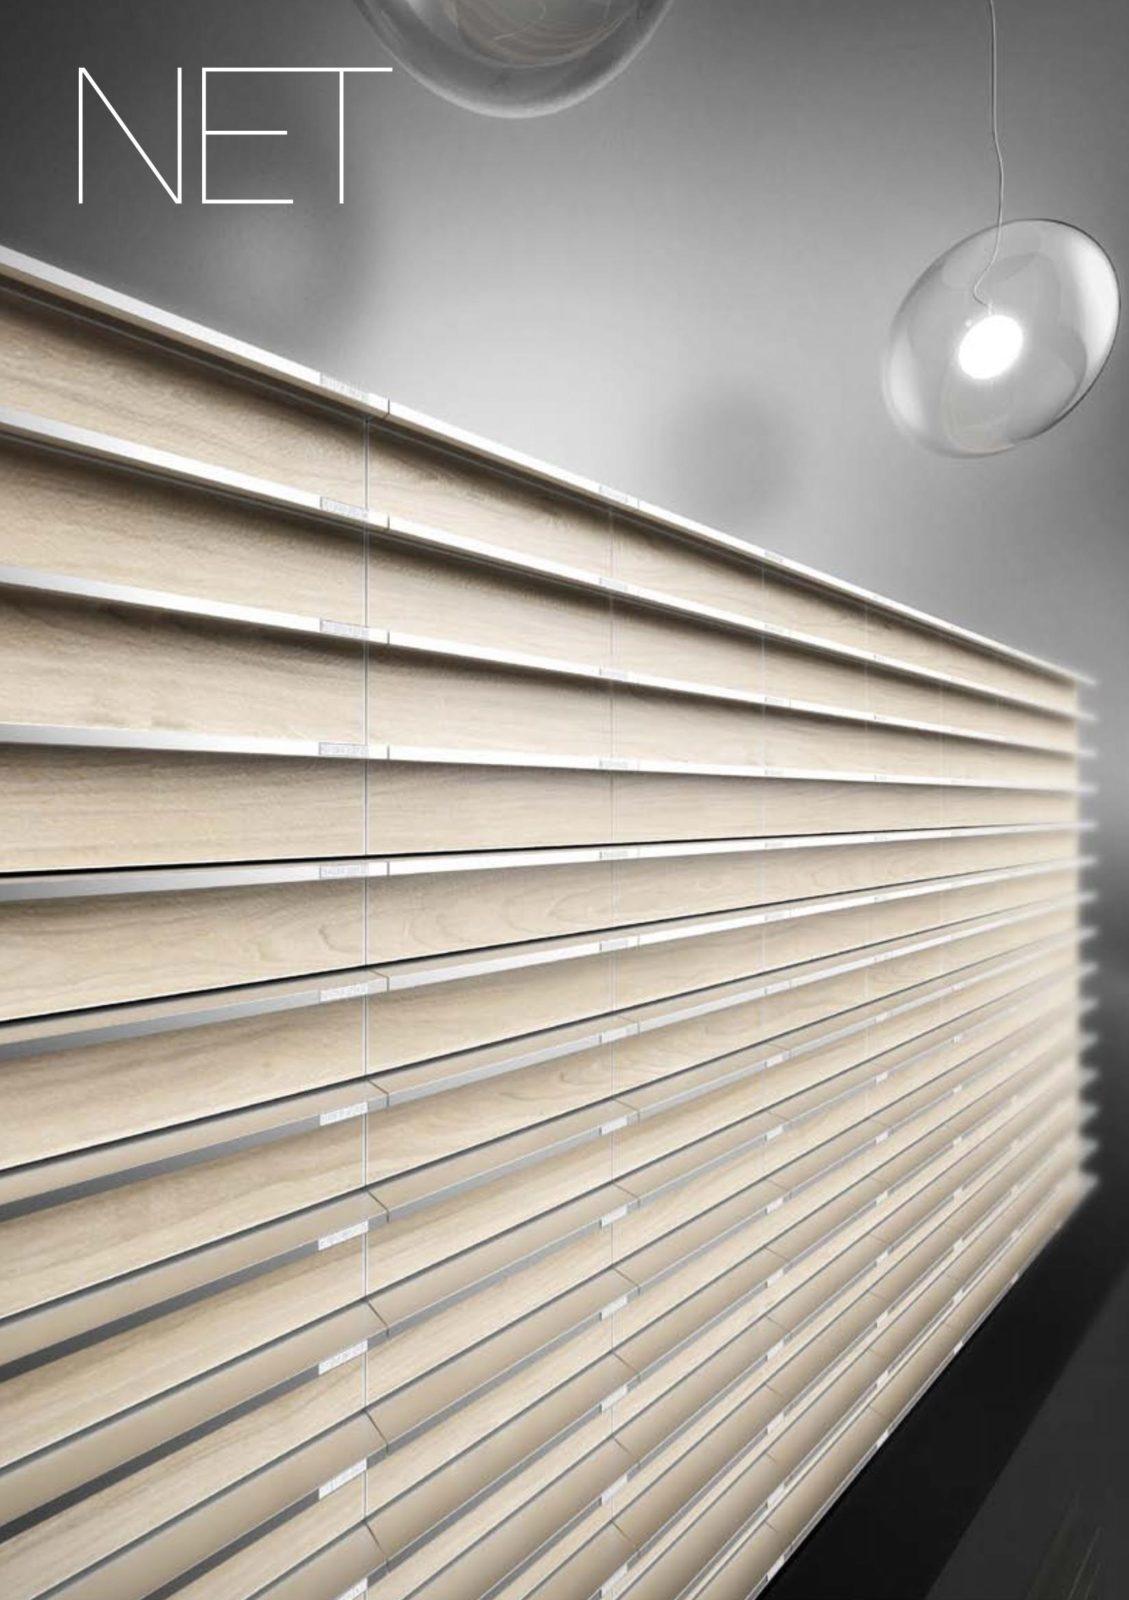 La pureté et l'élégance du bois qui s'allie au design essentiel , iconique et fonctionnel donne le jour à la série NET. Un élément fondamental et hautement précieux, capable de se distinguer et d'augmenter l'impact visuel de votre officine.